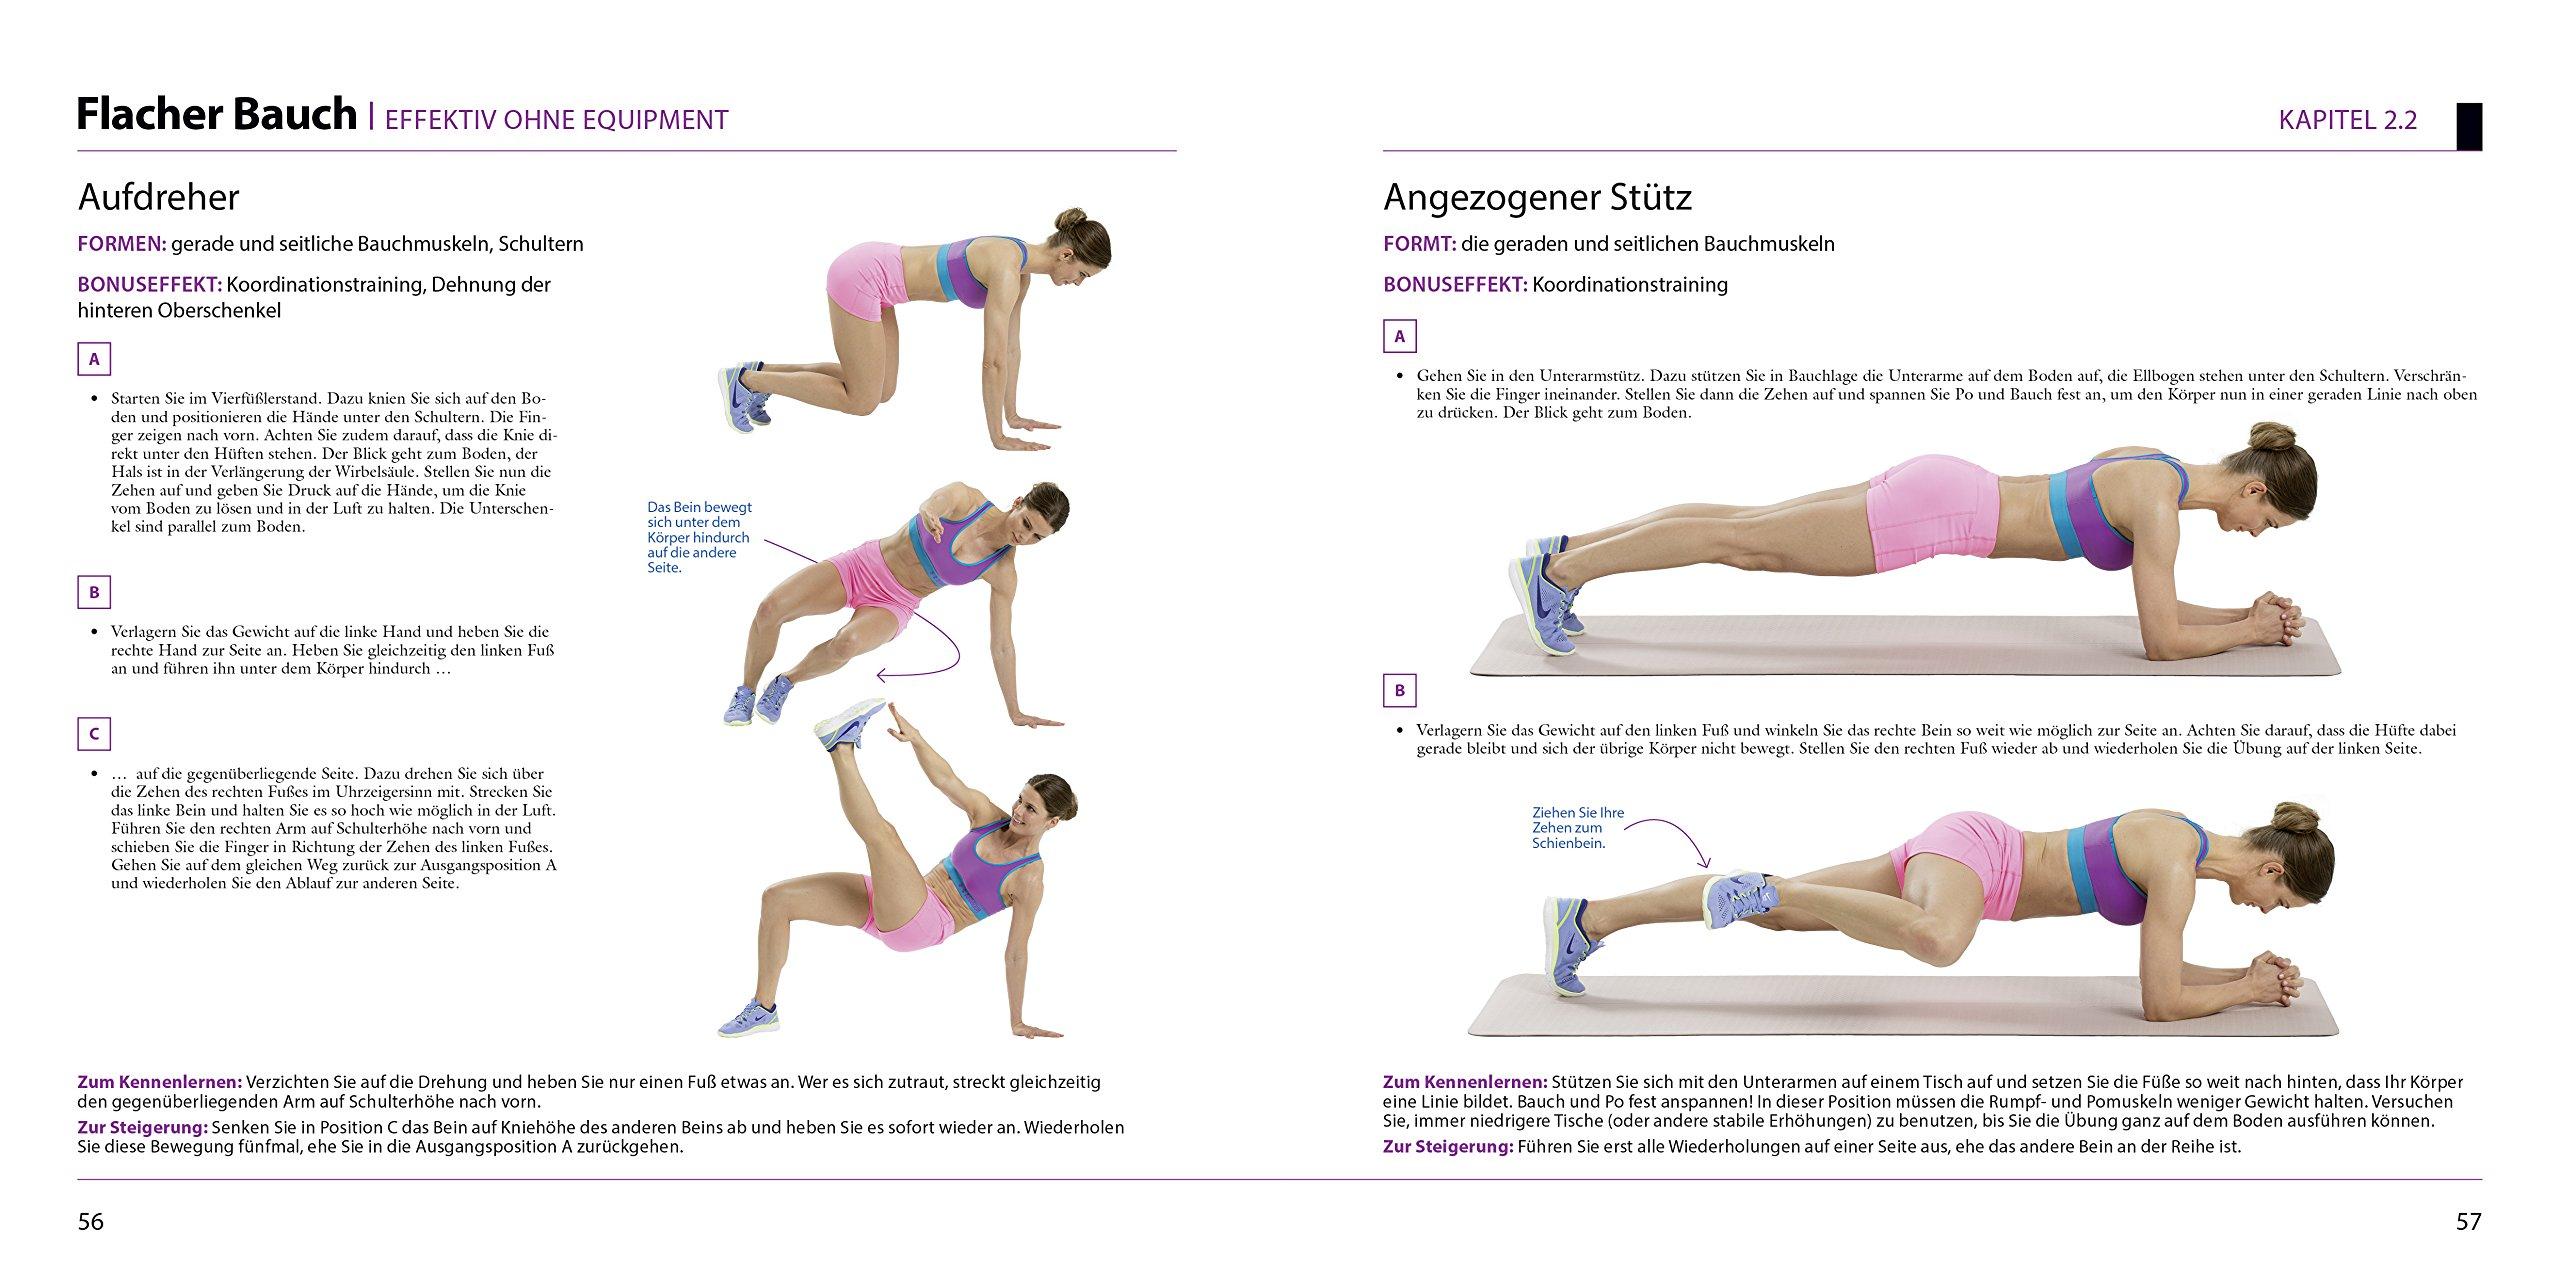 Atemberaubend Das Women's Health Bauch-Beine-Po-Buch: Die Perfect-Body-Garantie &RU_25